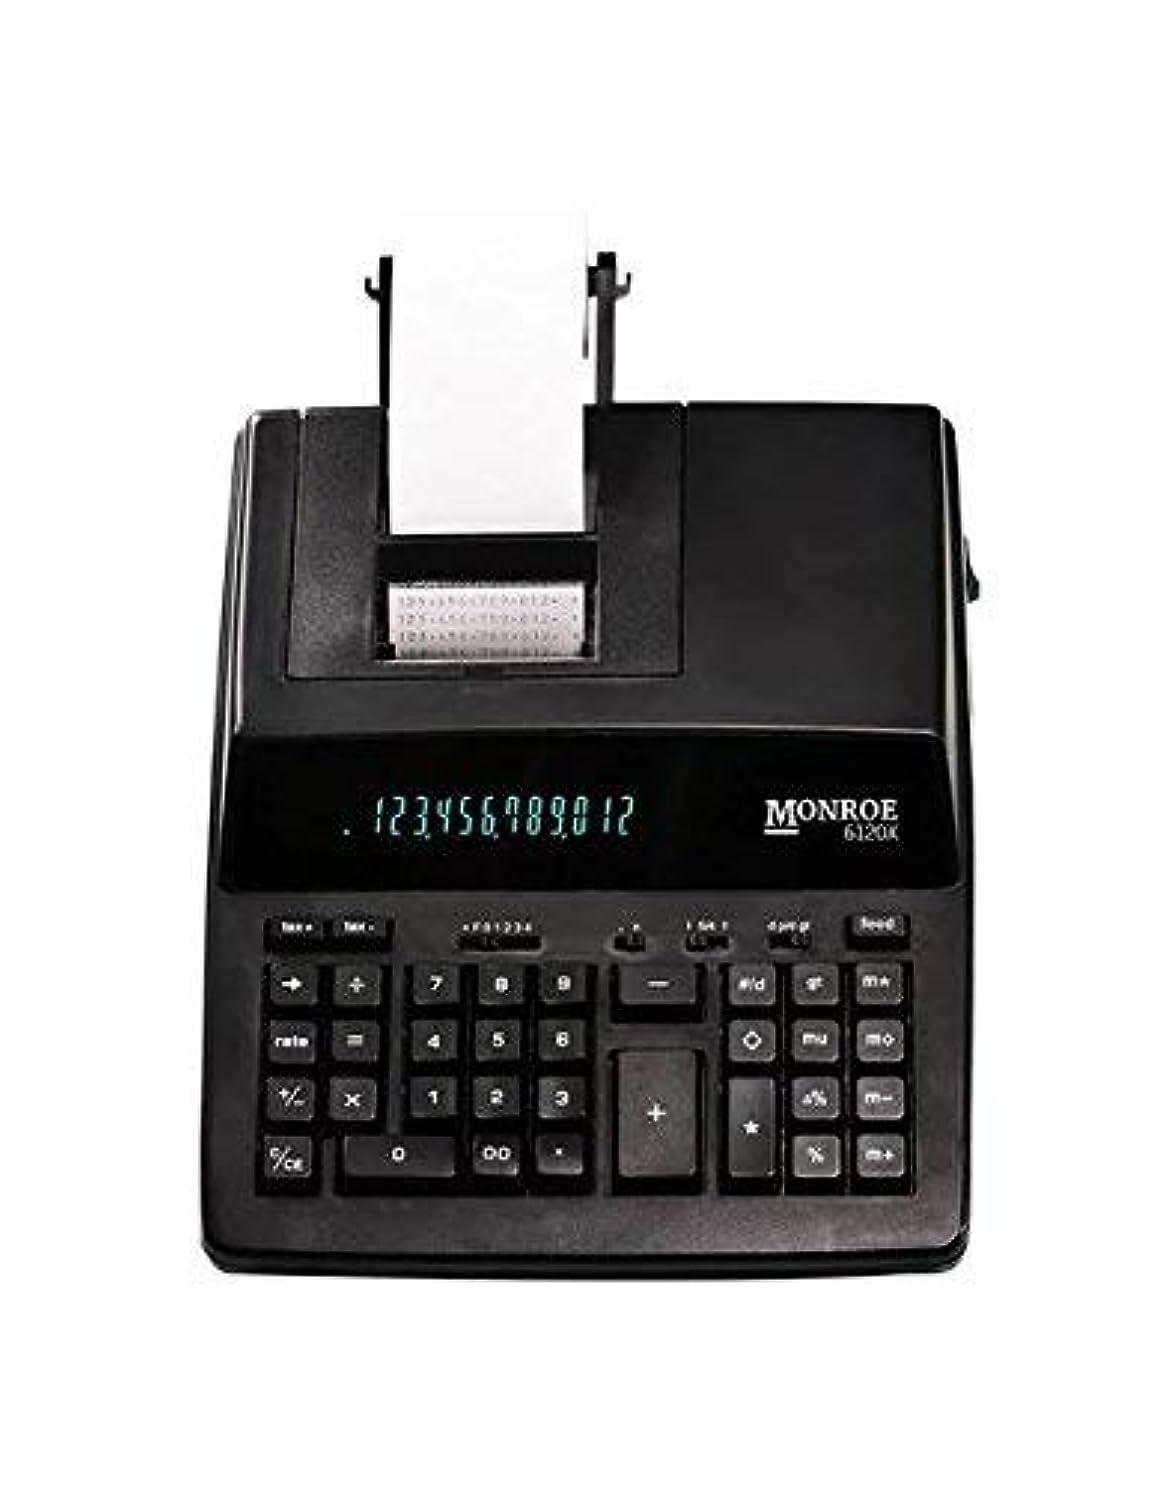 葬儀お祝い製油所Monroe Systems 6120X 12桁 ビジネス 中程度の耐久性 電卓 ブラック (認定整備済み)